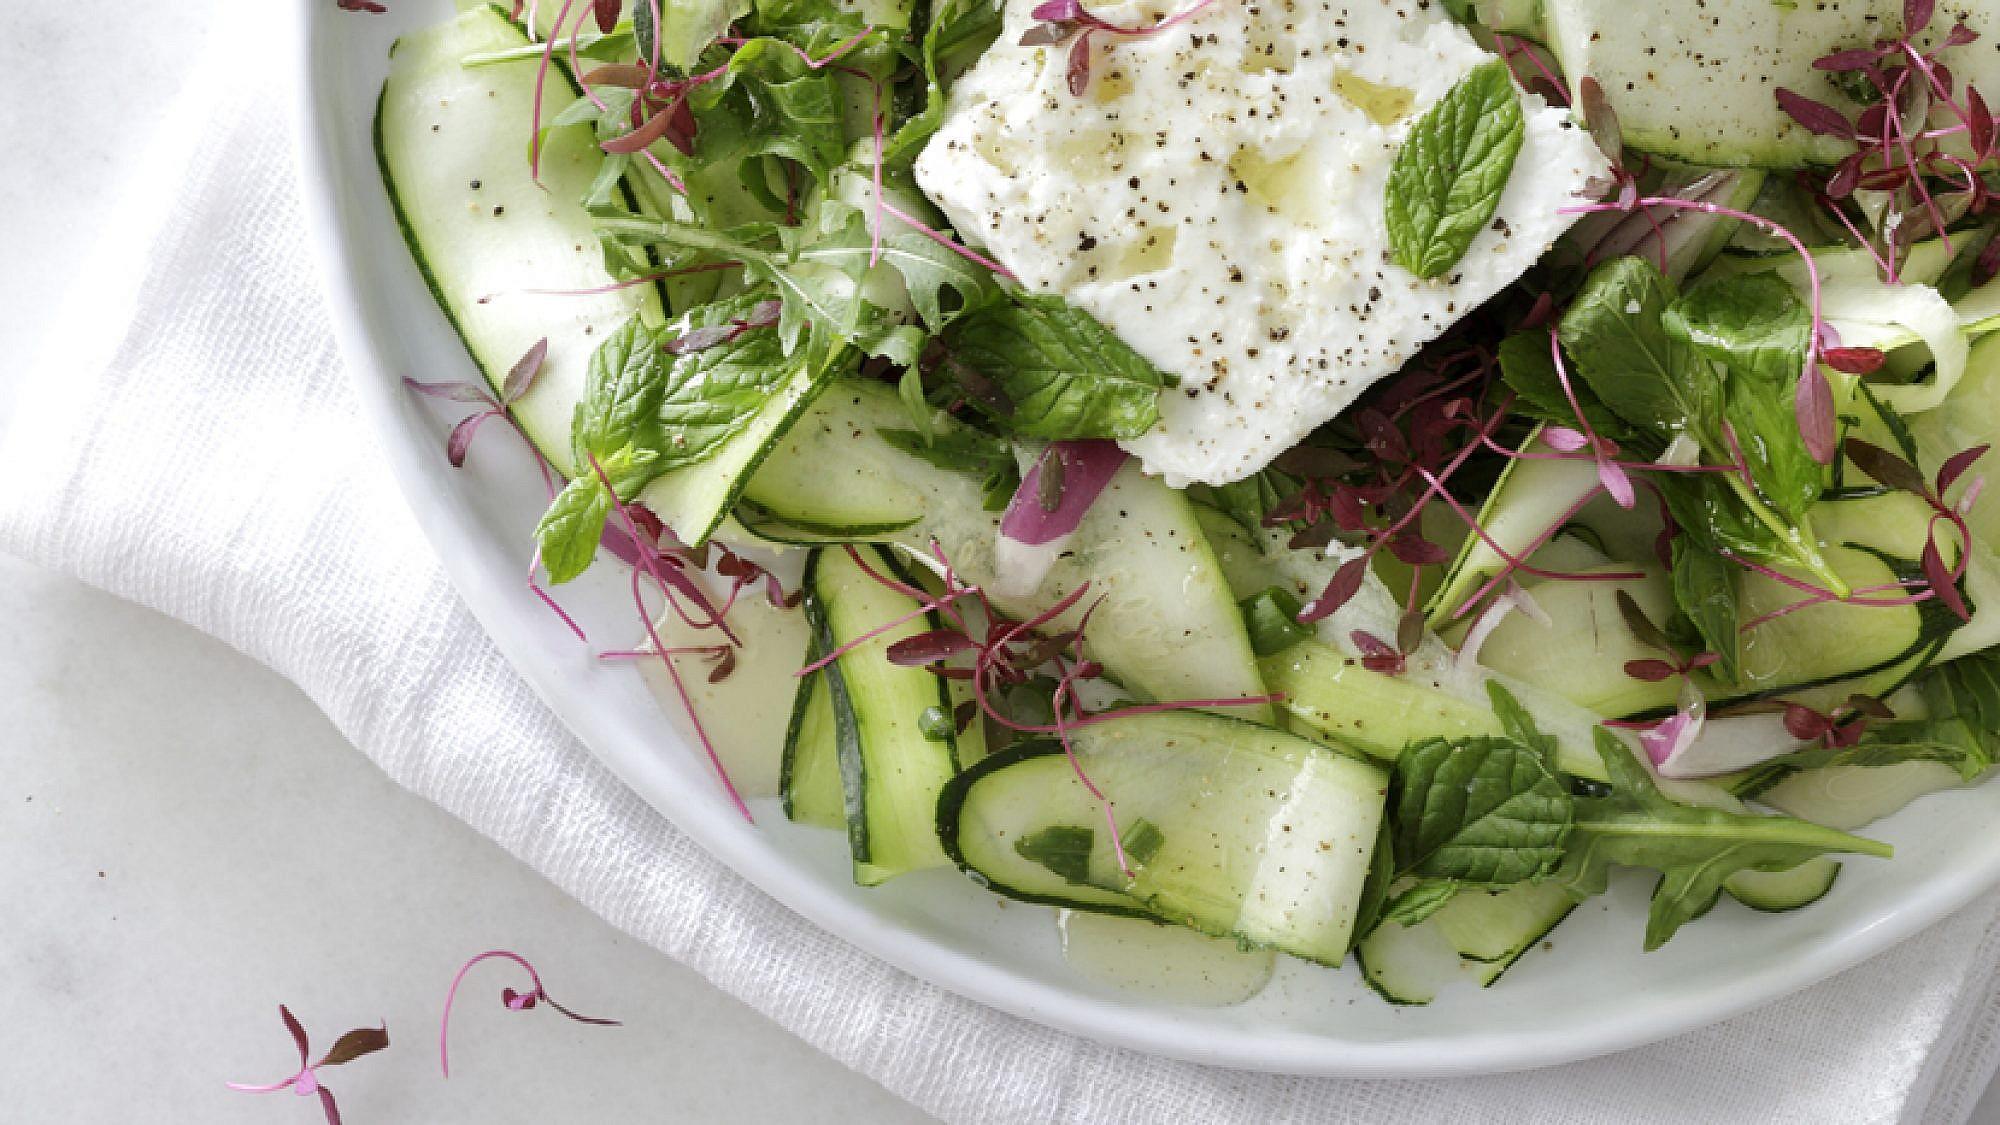 סלט זוקיני עם עשבי תיבול, גבינת המאירי והמון לימון . צילום: דניה ויינר | סגנון: אוריה גבע